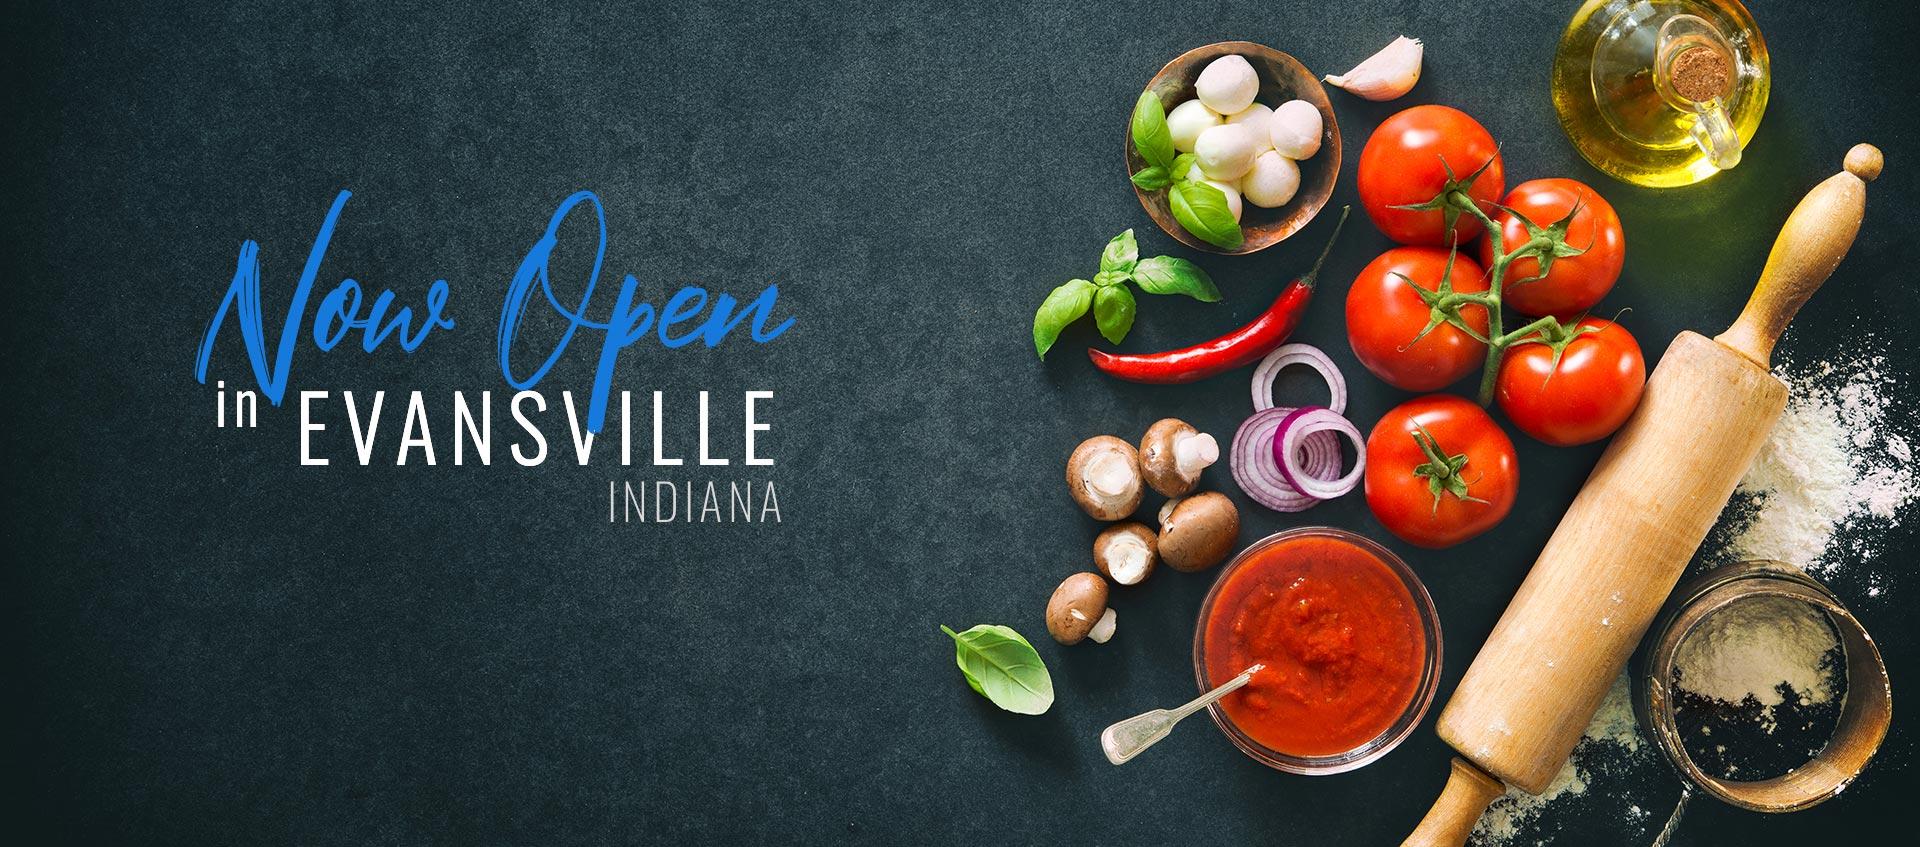 Now Open in Evansville, Indiana